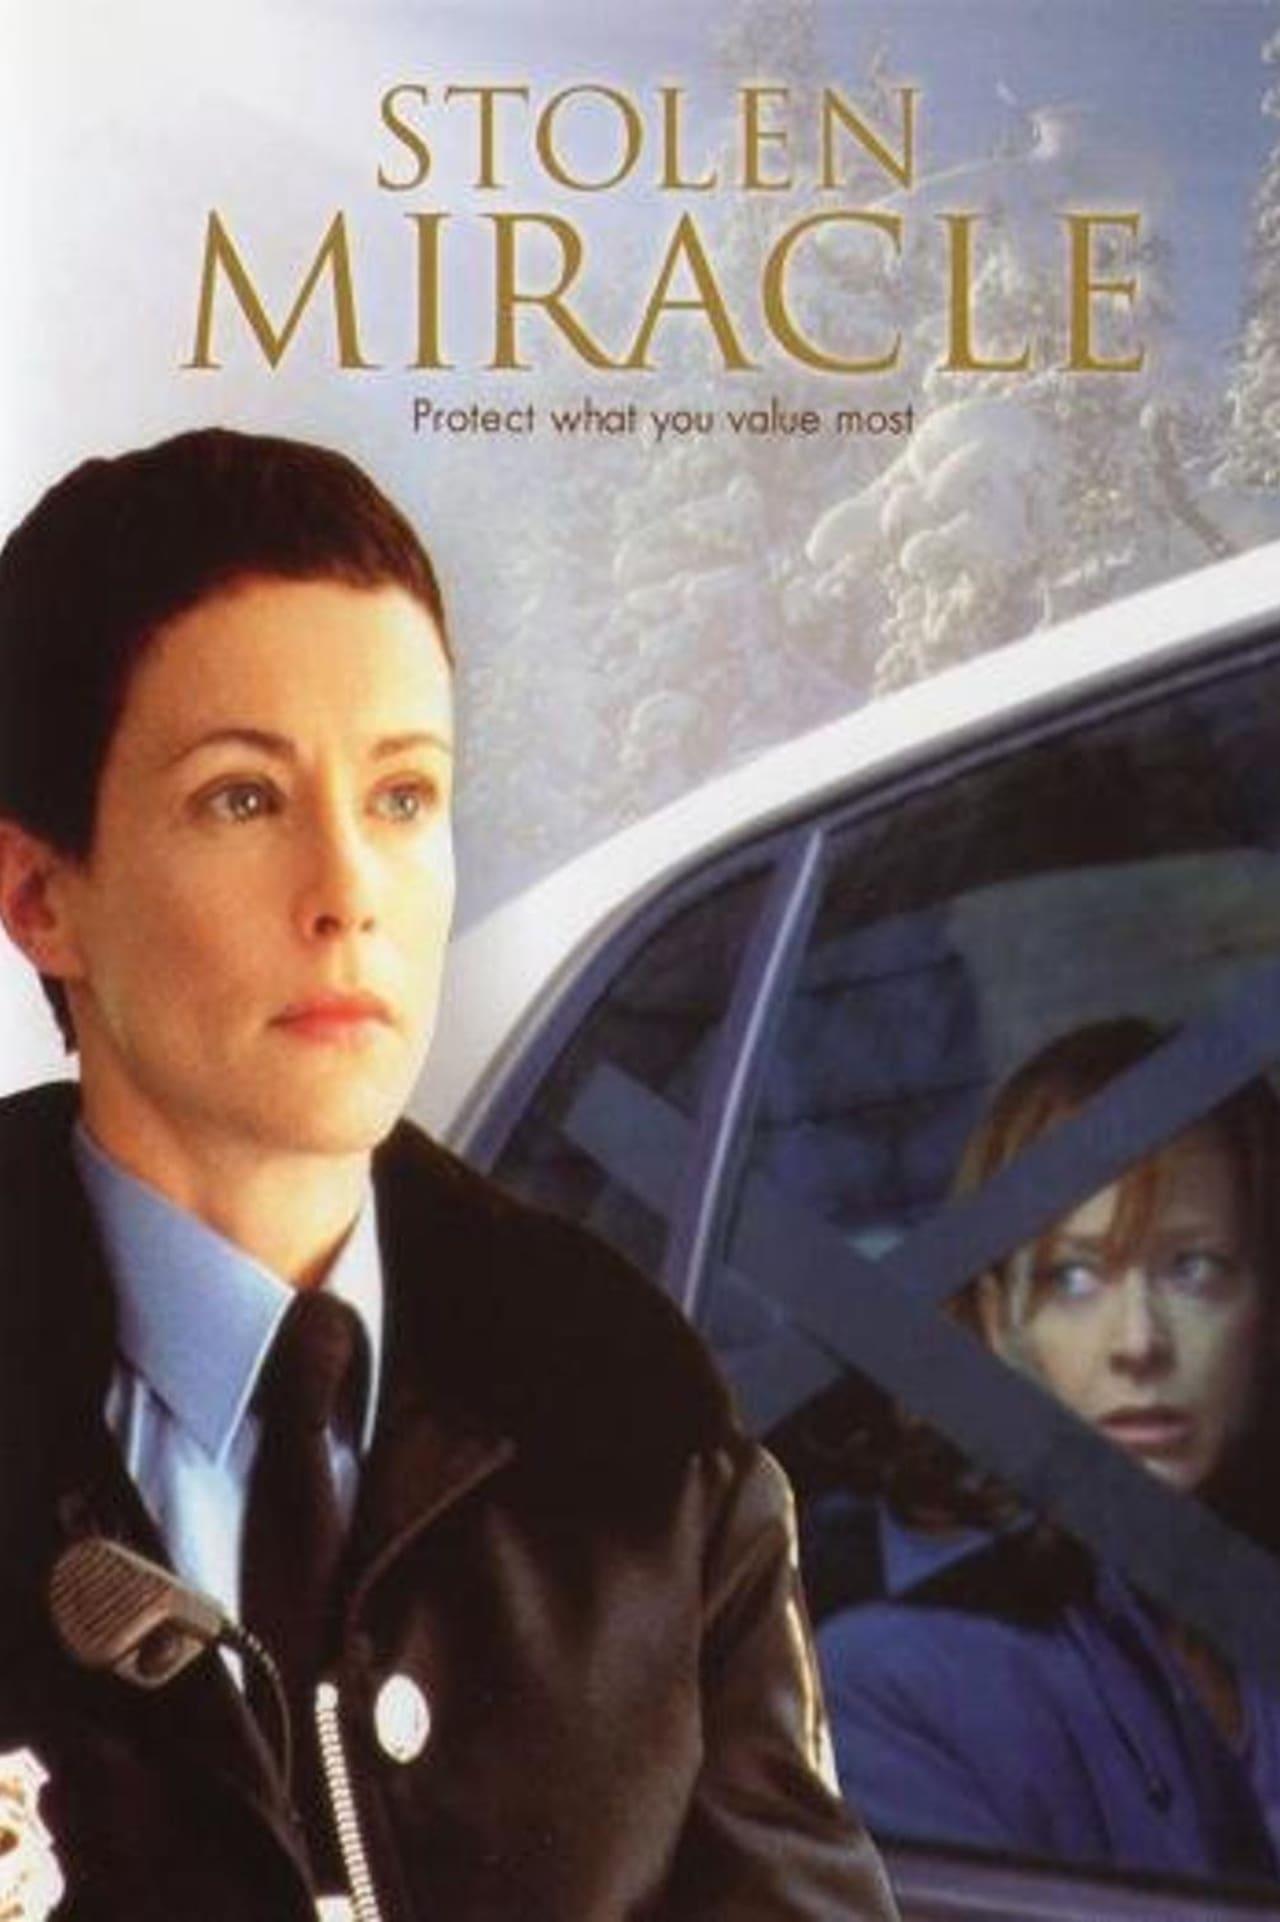 Stolen Miracle